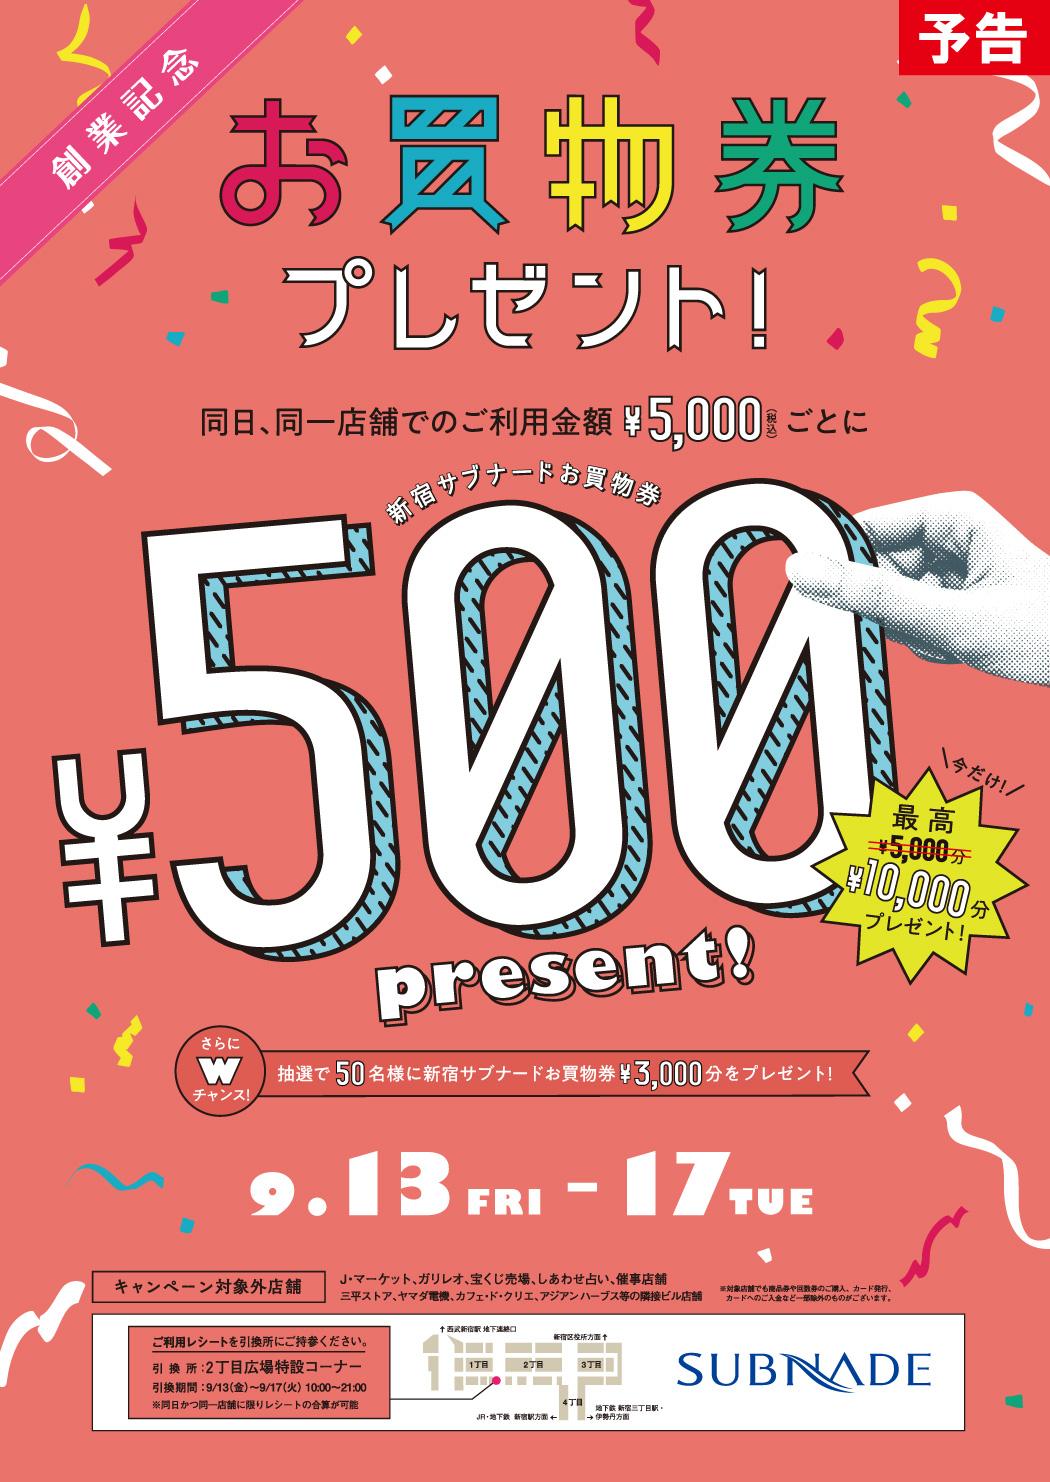 【新宿店】創業記念お買物券プレゼントキャンペーン!9/13~9/17